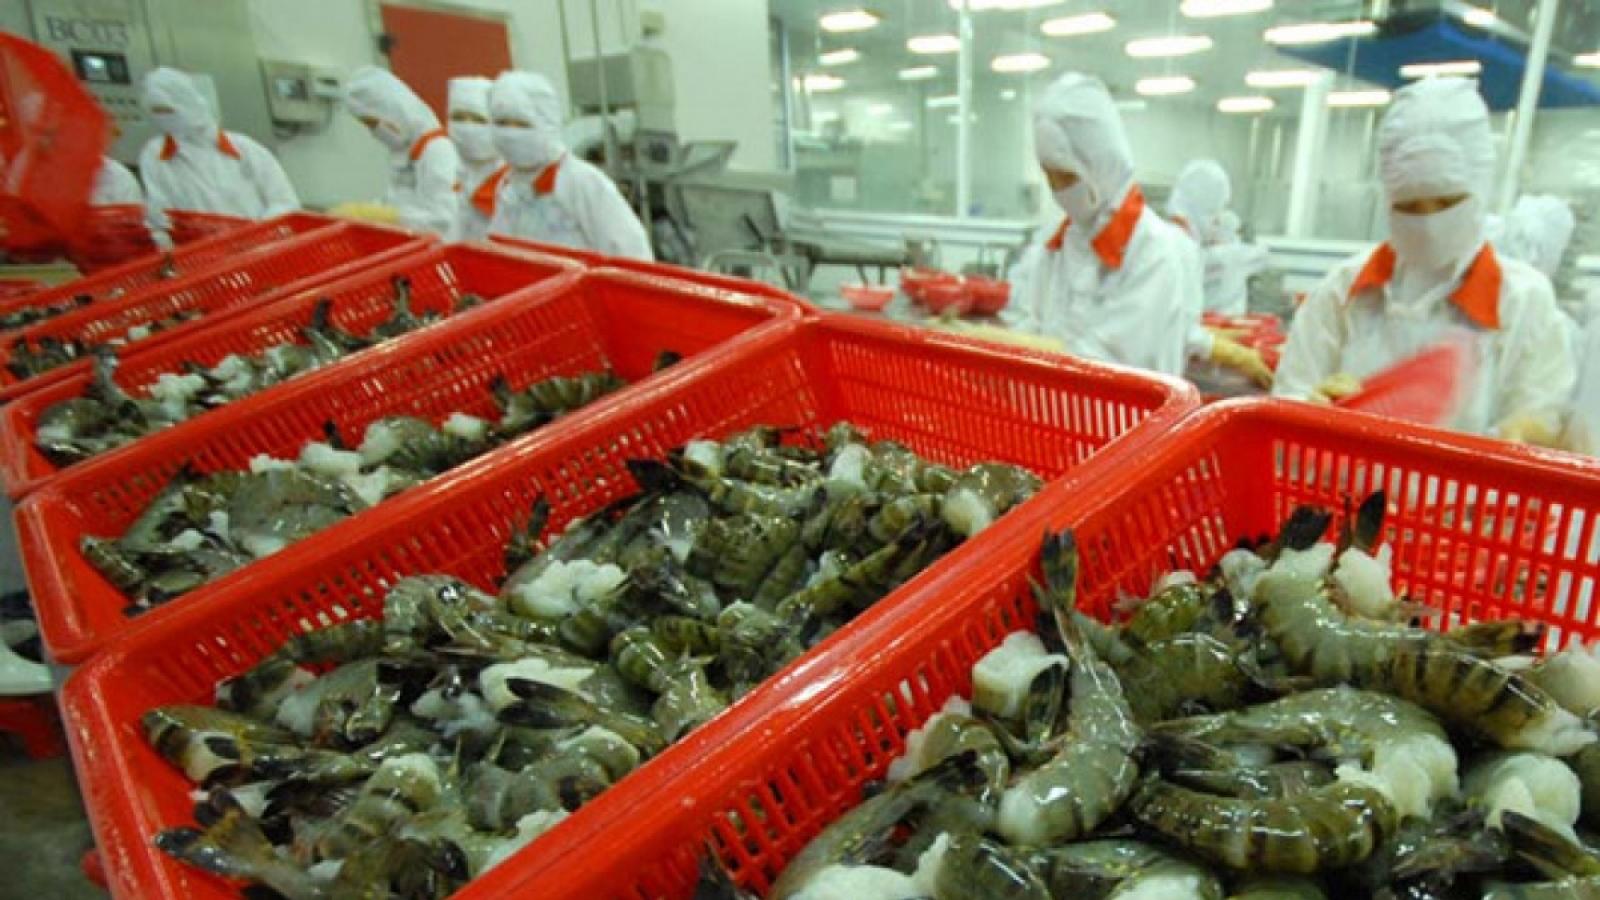 Xuất khẩu nông, lâm, thủy sản tăng gần 27% so với cùng kỳ